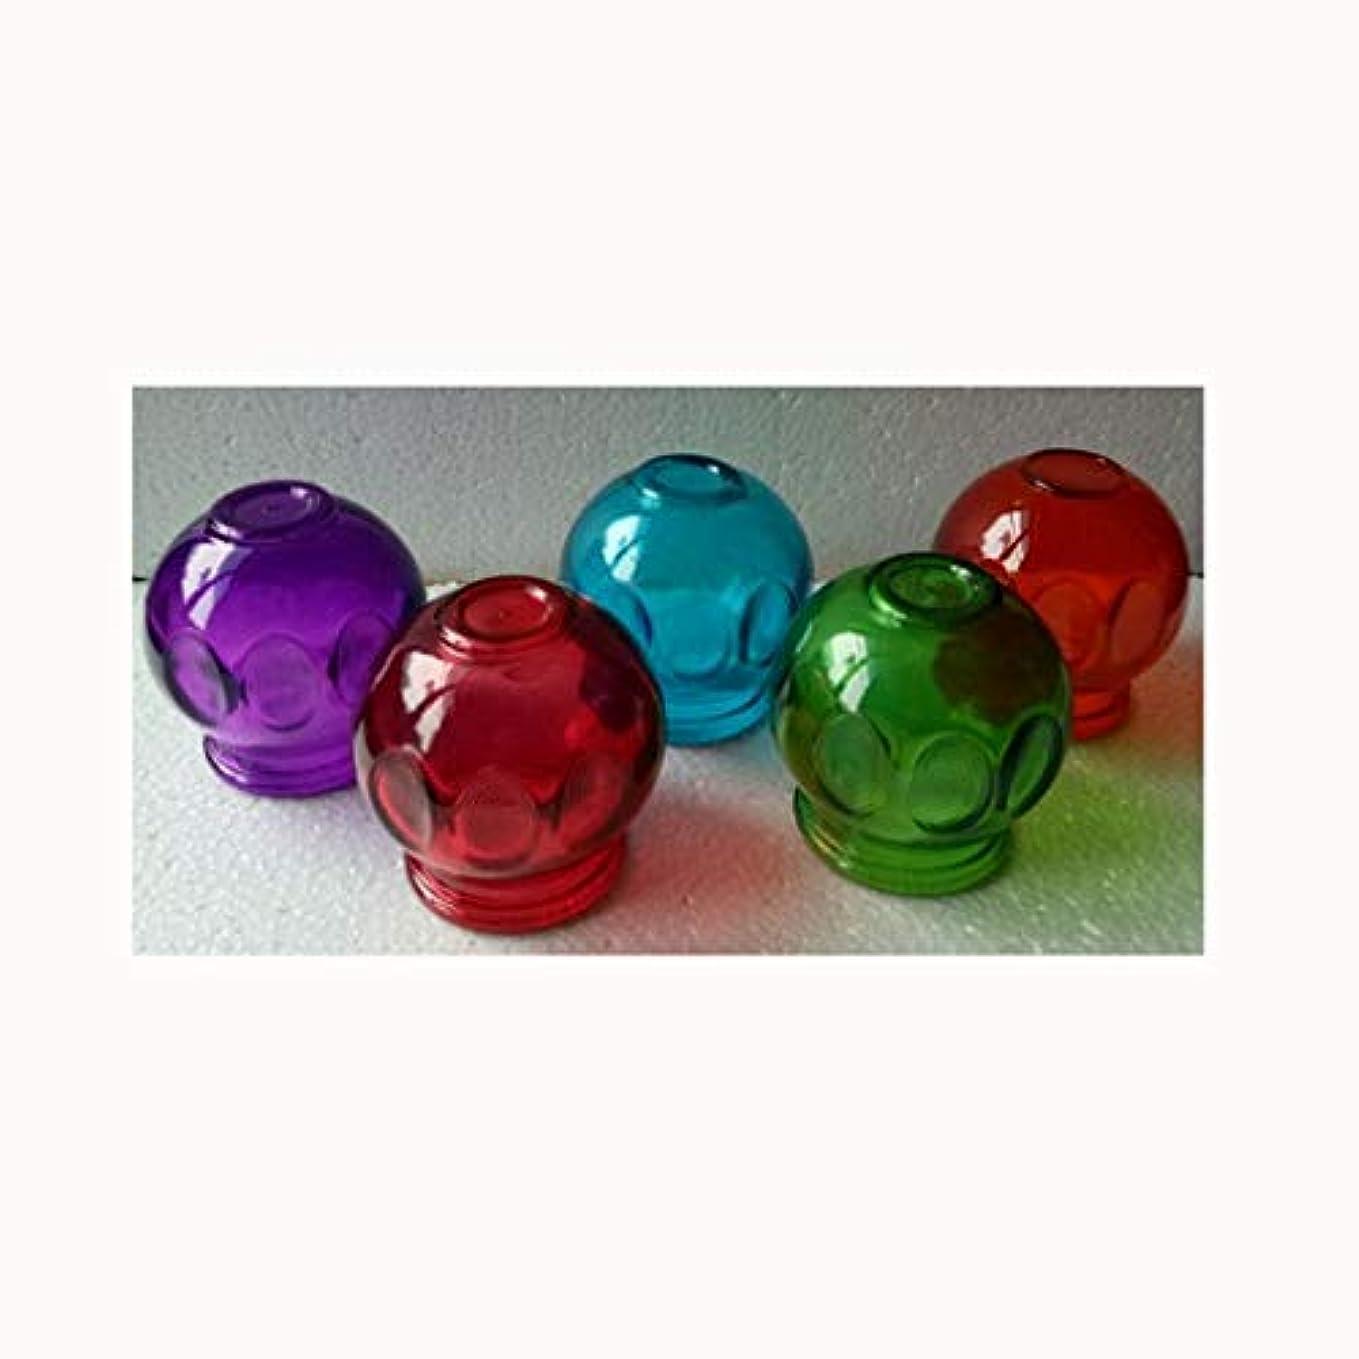 作曲するゆり不足5pcs伝統的な中国の手作り5色のガラスのカッピングは、火のカッピングを設定する